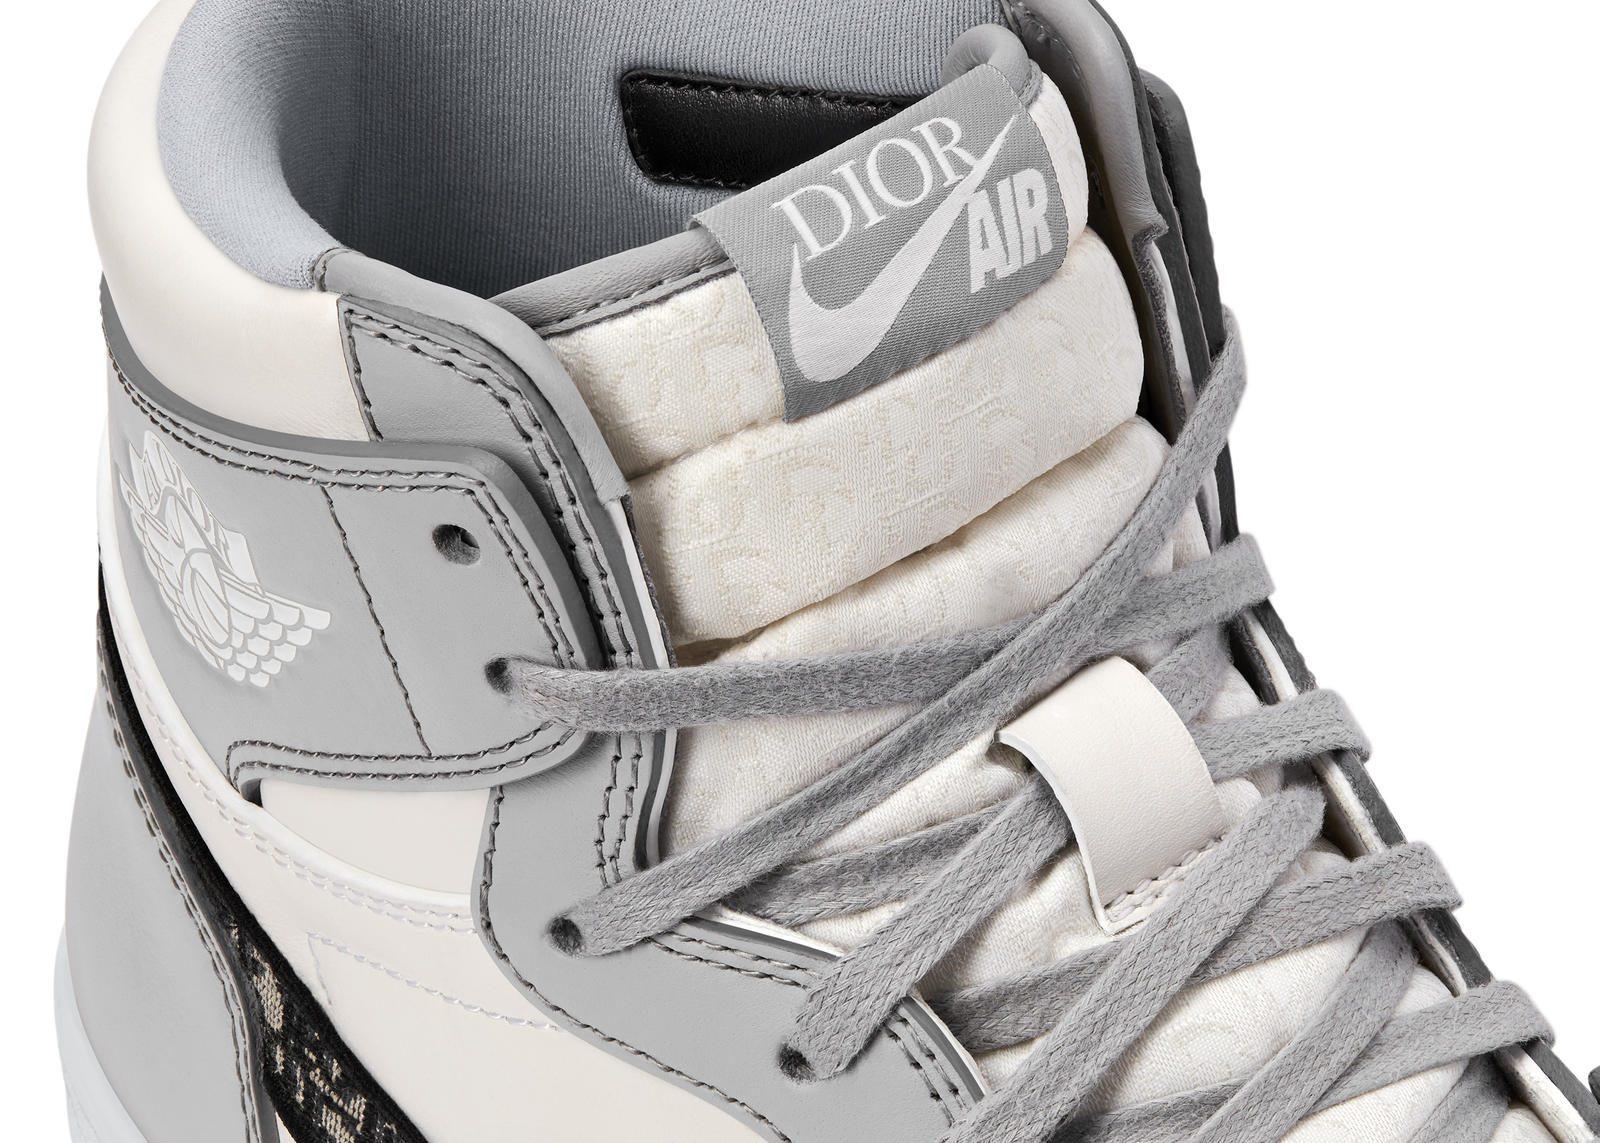 Dior x Nike Air Jordan